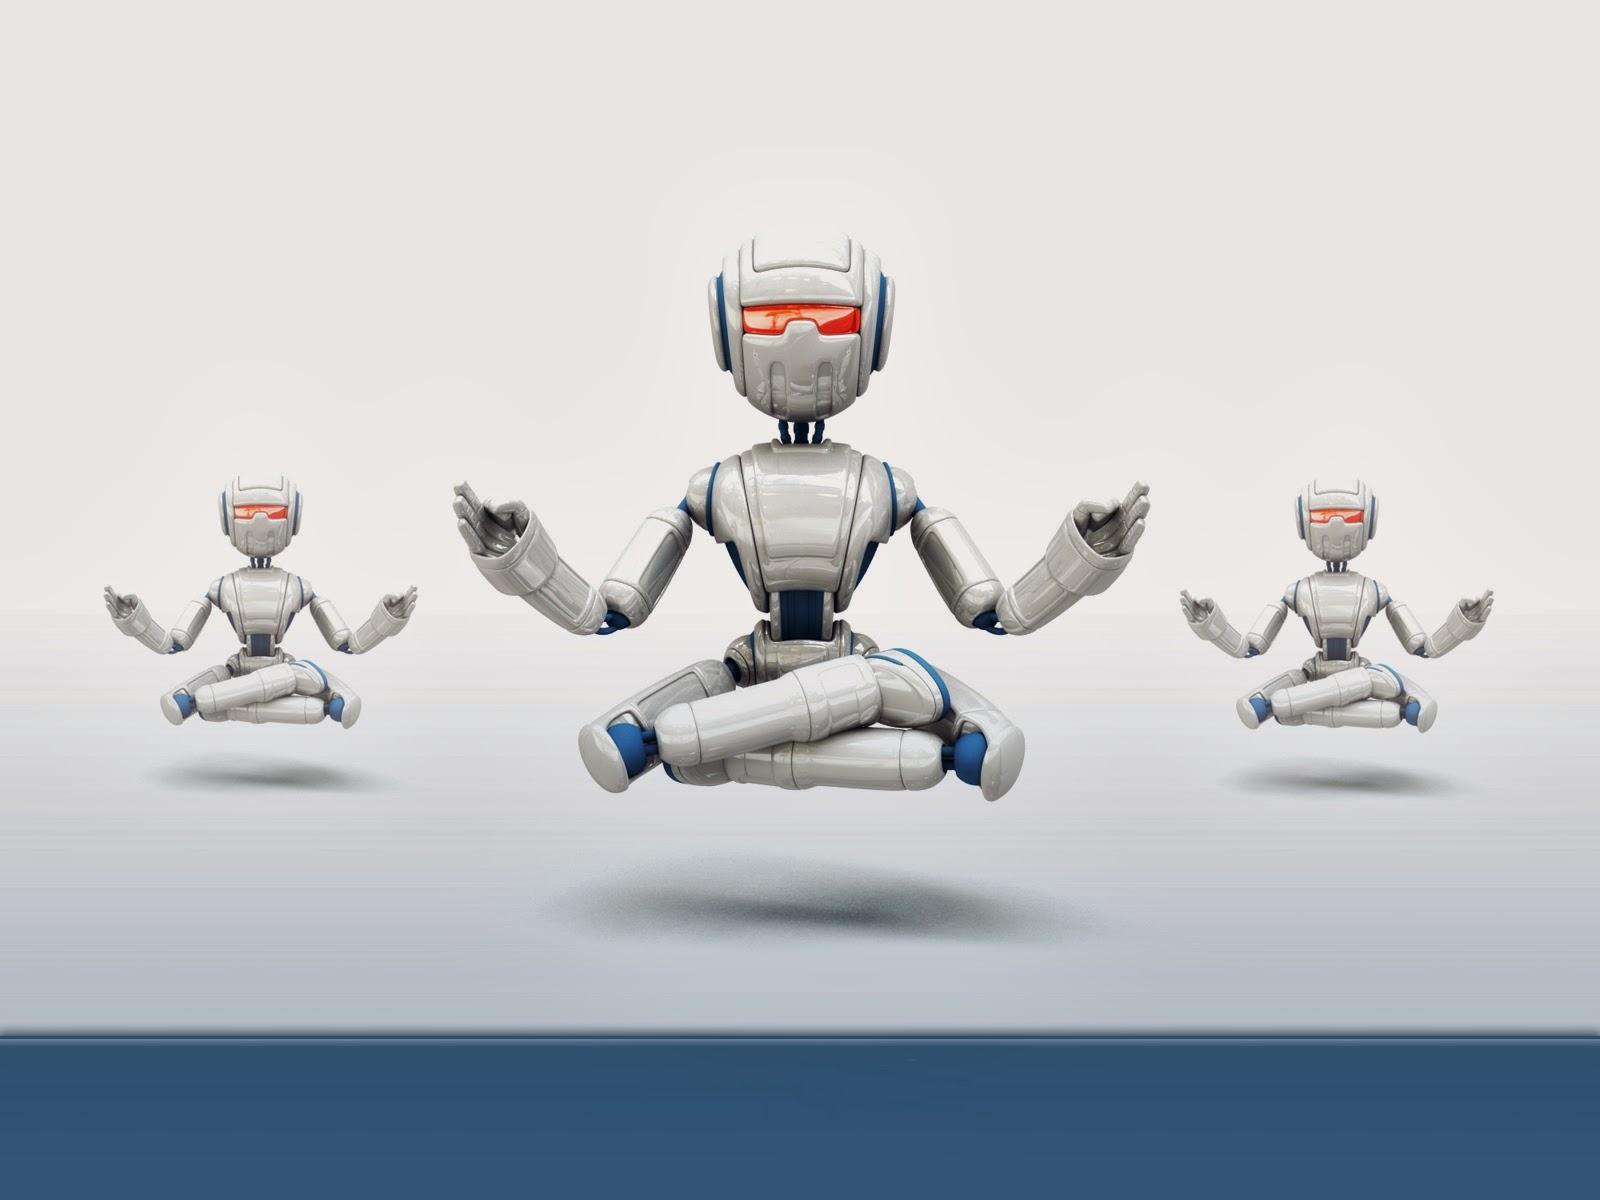 Robots hd wallpaper hd wallpapers blog - Robot wallpaper 3d ...